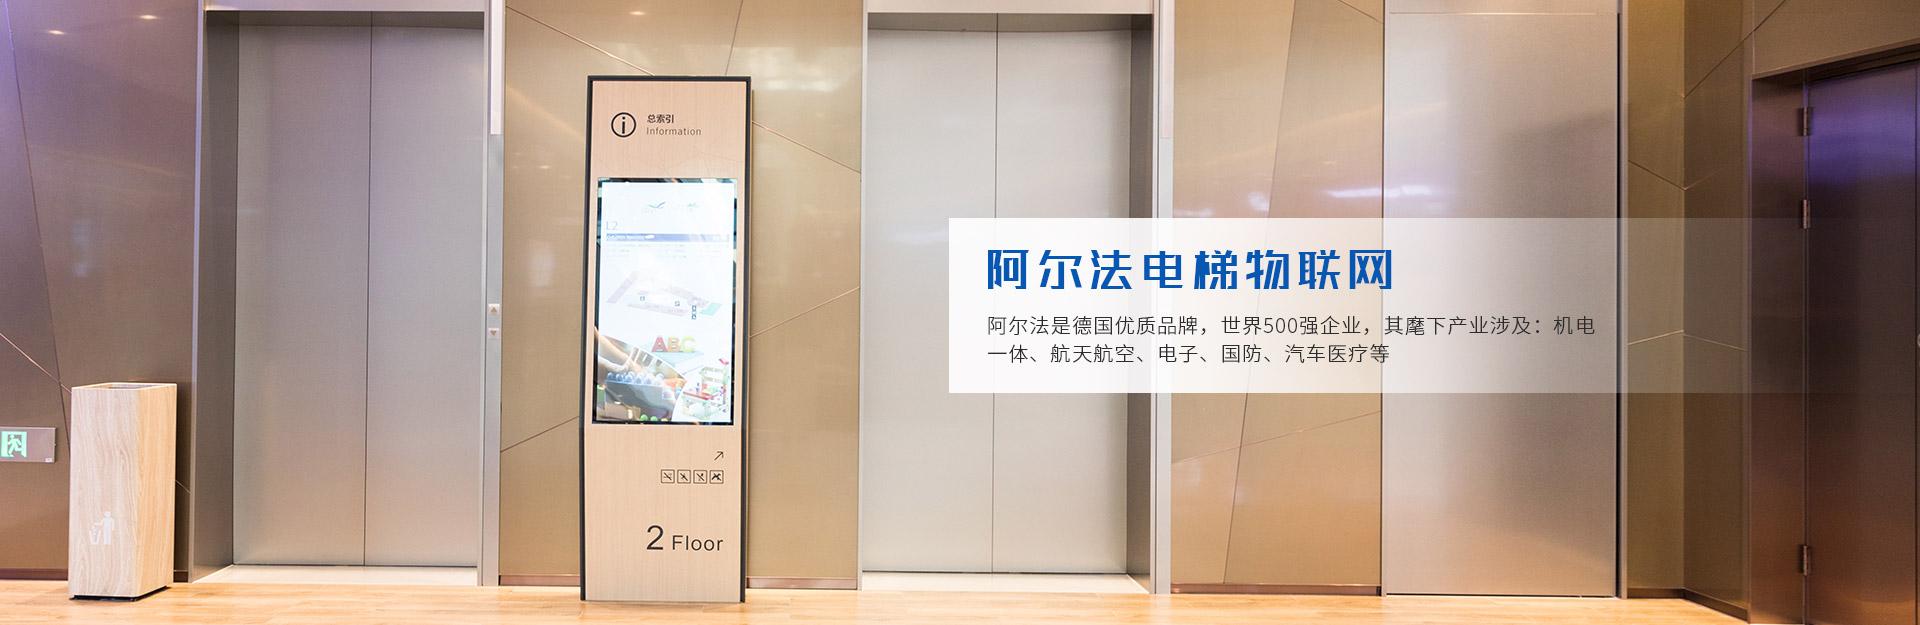 上海别墅联发彩票注册_上海阿尔法联发彩票注册有限公司